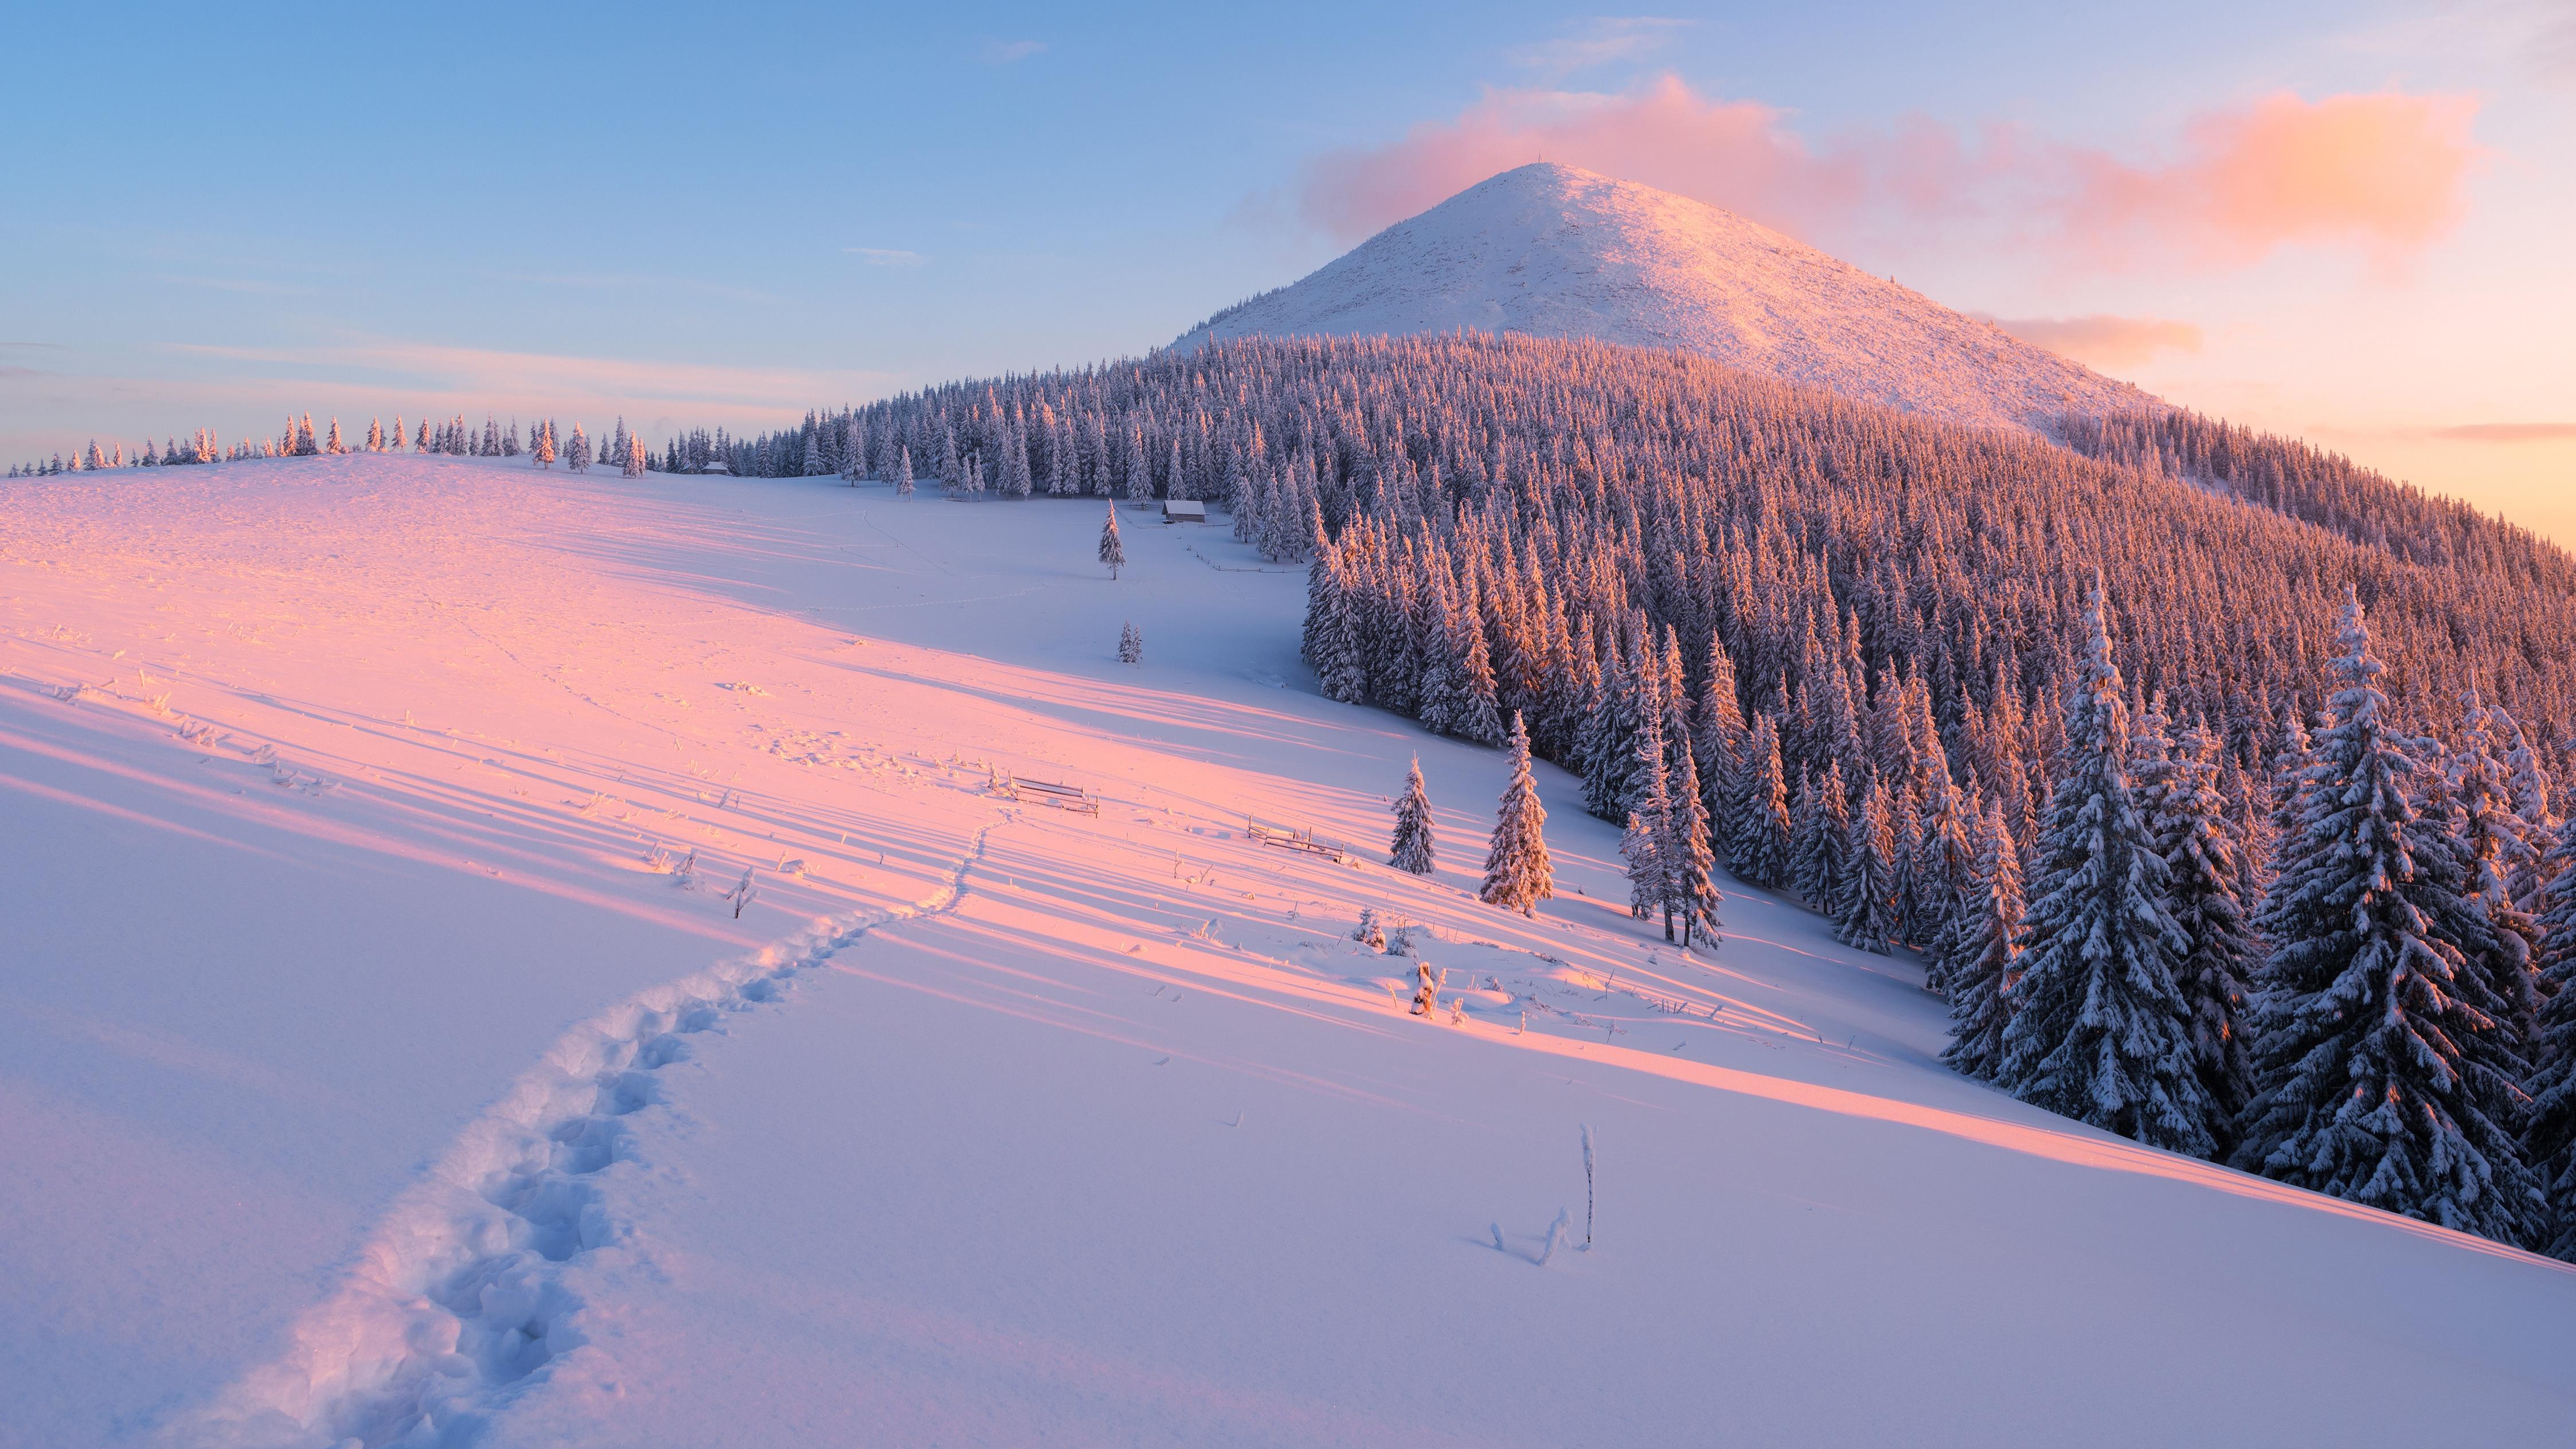 ели горы снег зима ate mountains snow winter бесплатно